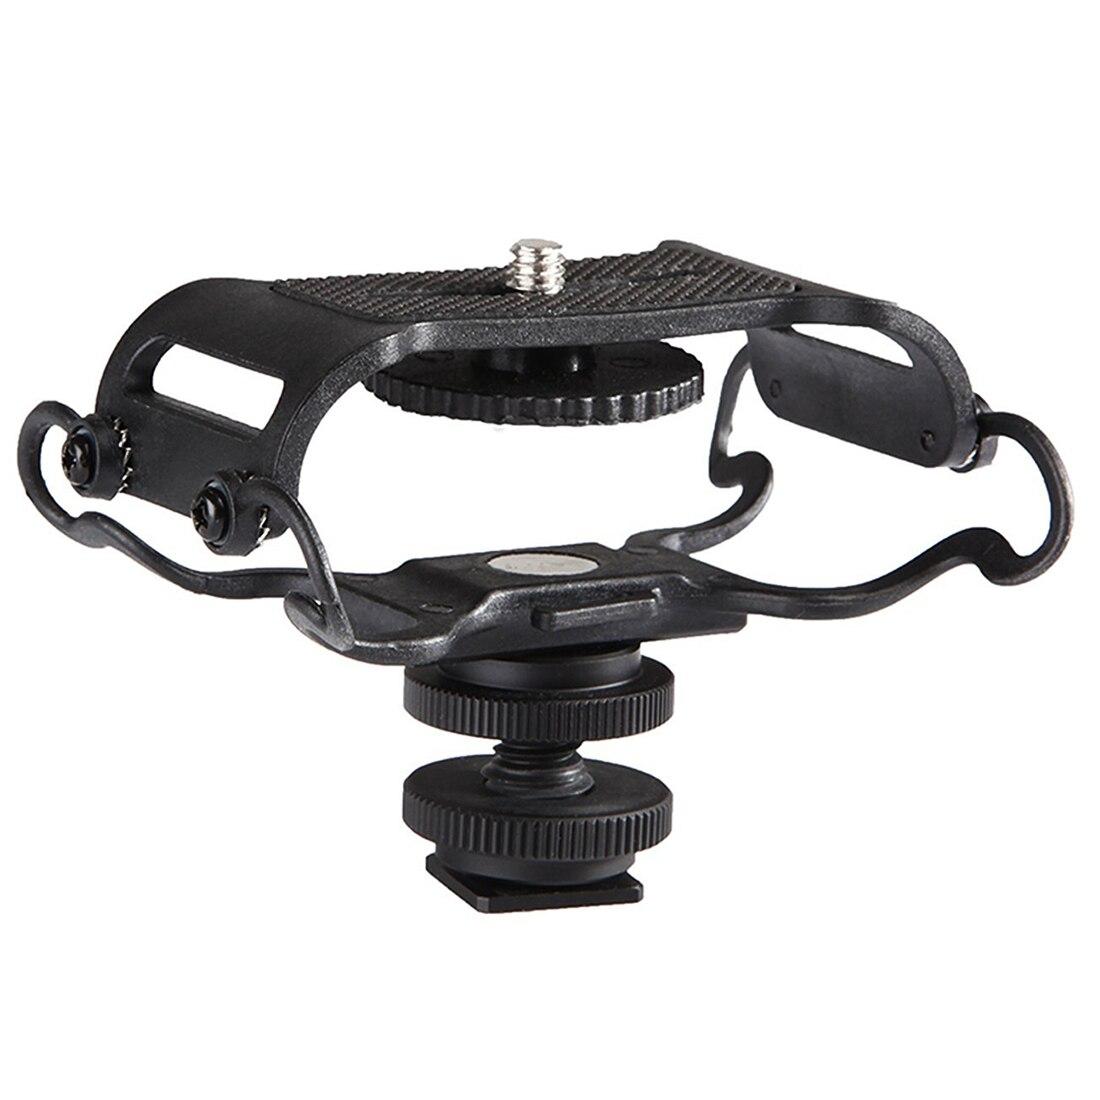 Tascam Dr-40 H5 Dr-07 äSthetisches Aussehen H6 Dr-05 Modestil Scls Neue Mikrofon Und Tragbare Recorder Shock Mount-passt Die Zoom H4n